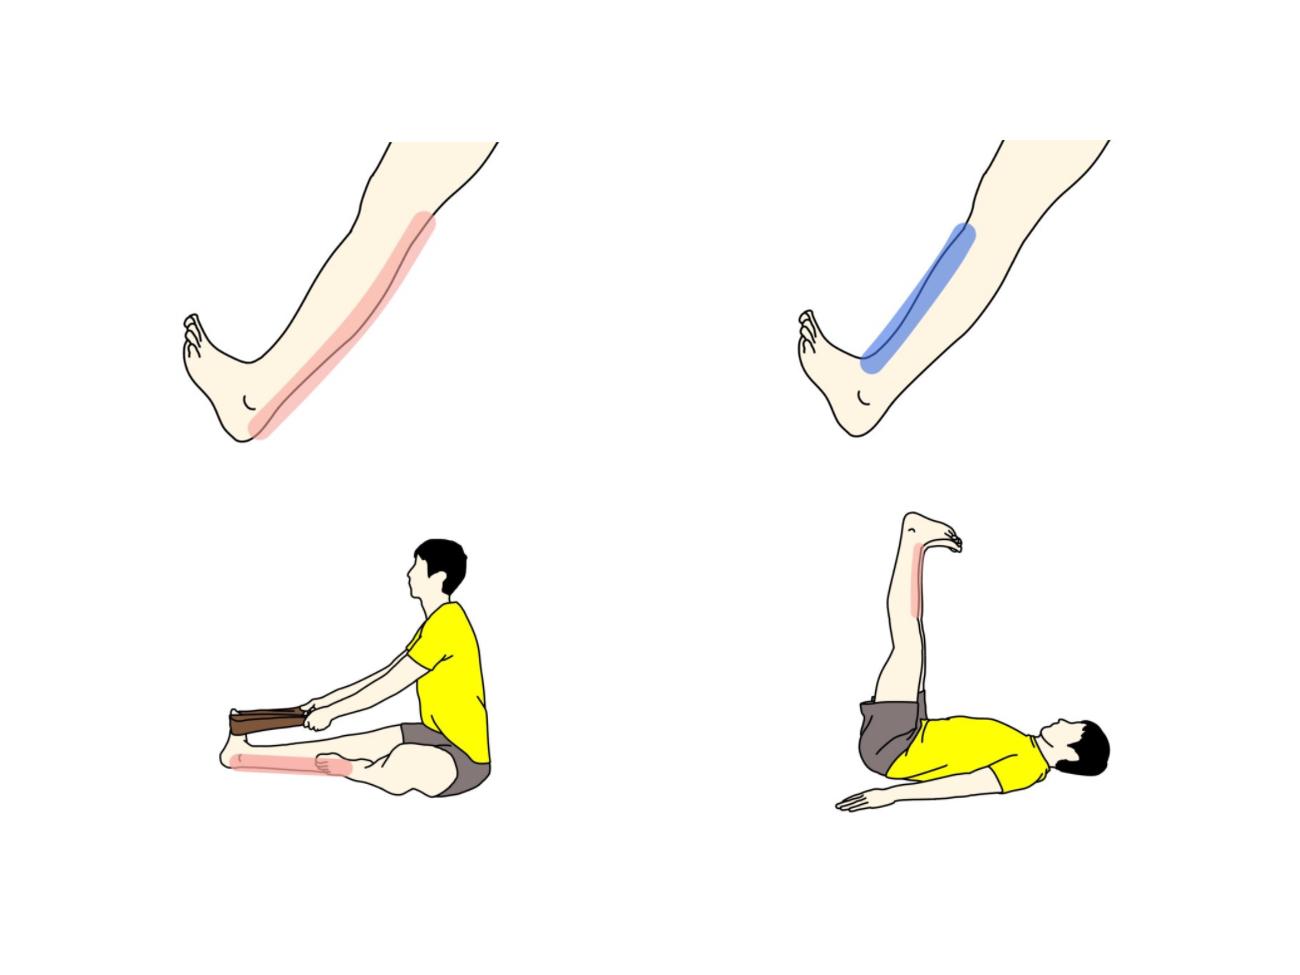 足首を曲げる動作(背屈)を柔らかくするためのストレッチとトレーニング